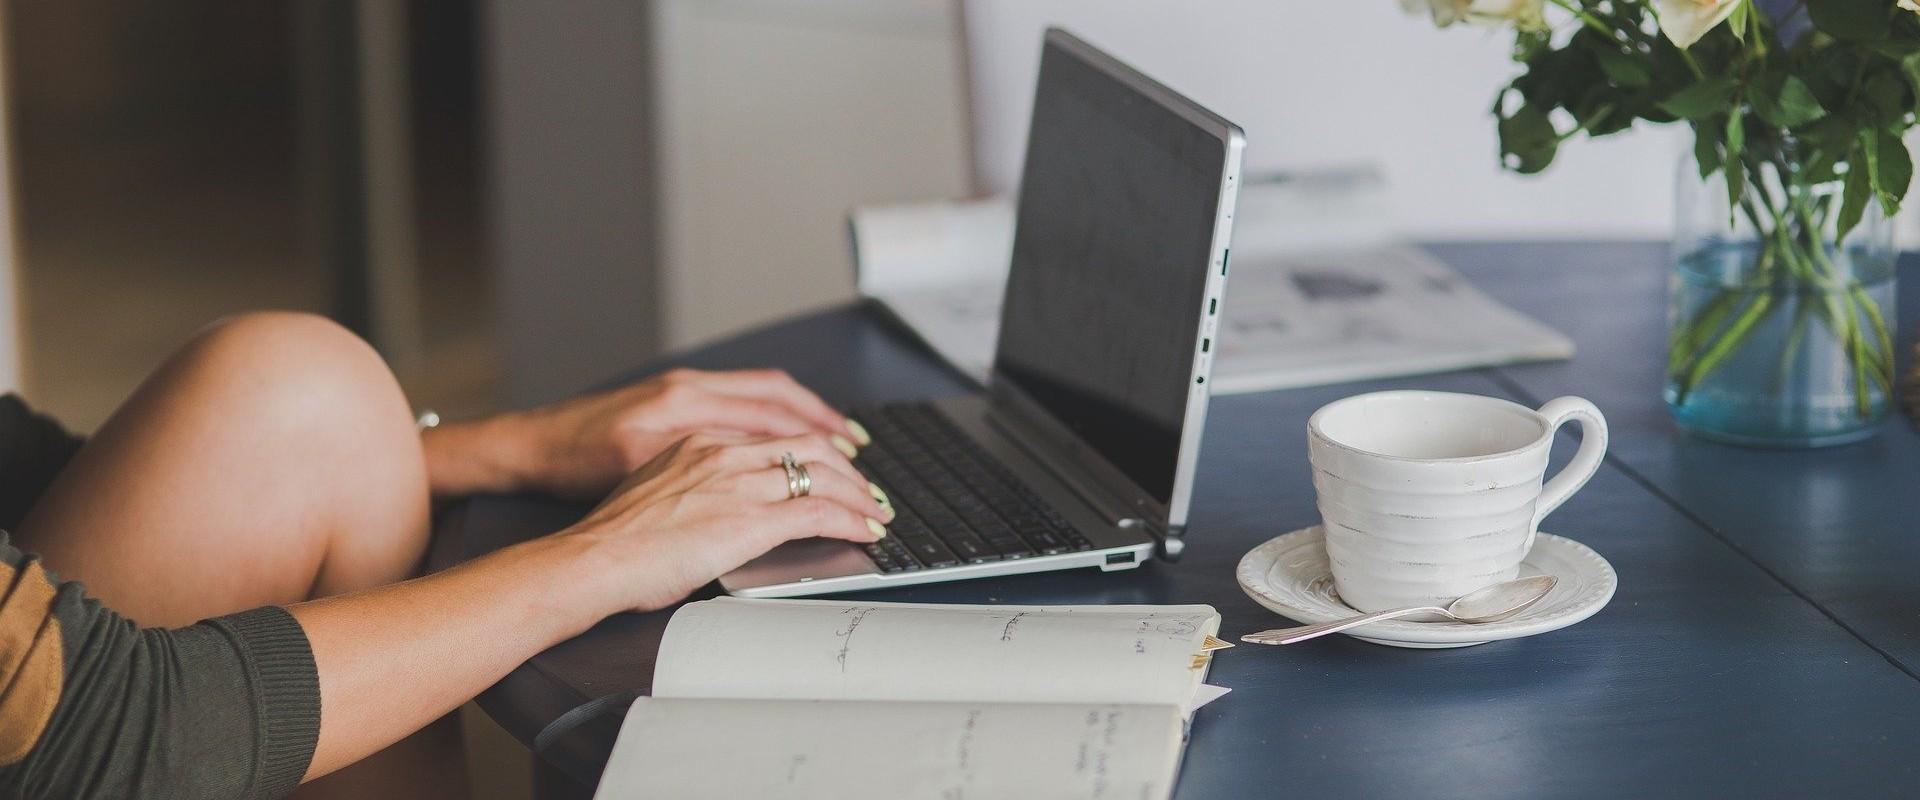 Online leren - Waarom is dit een goed idee?